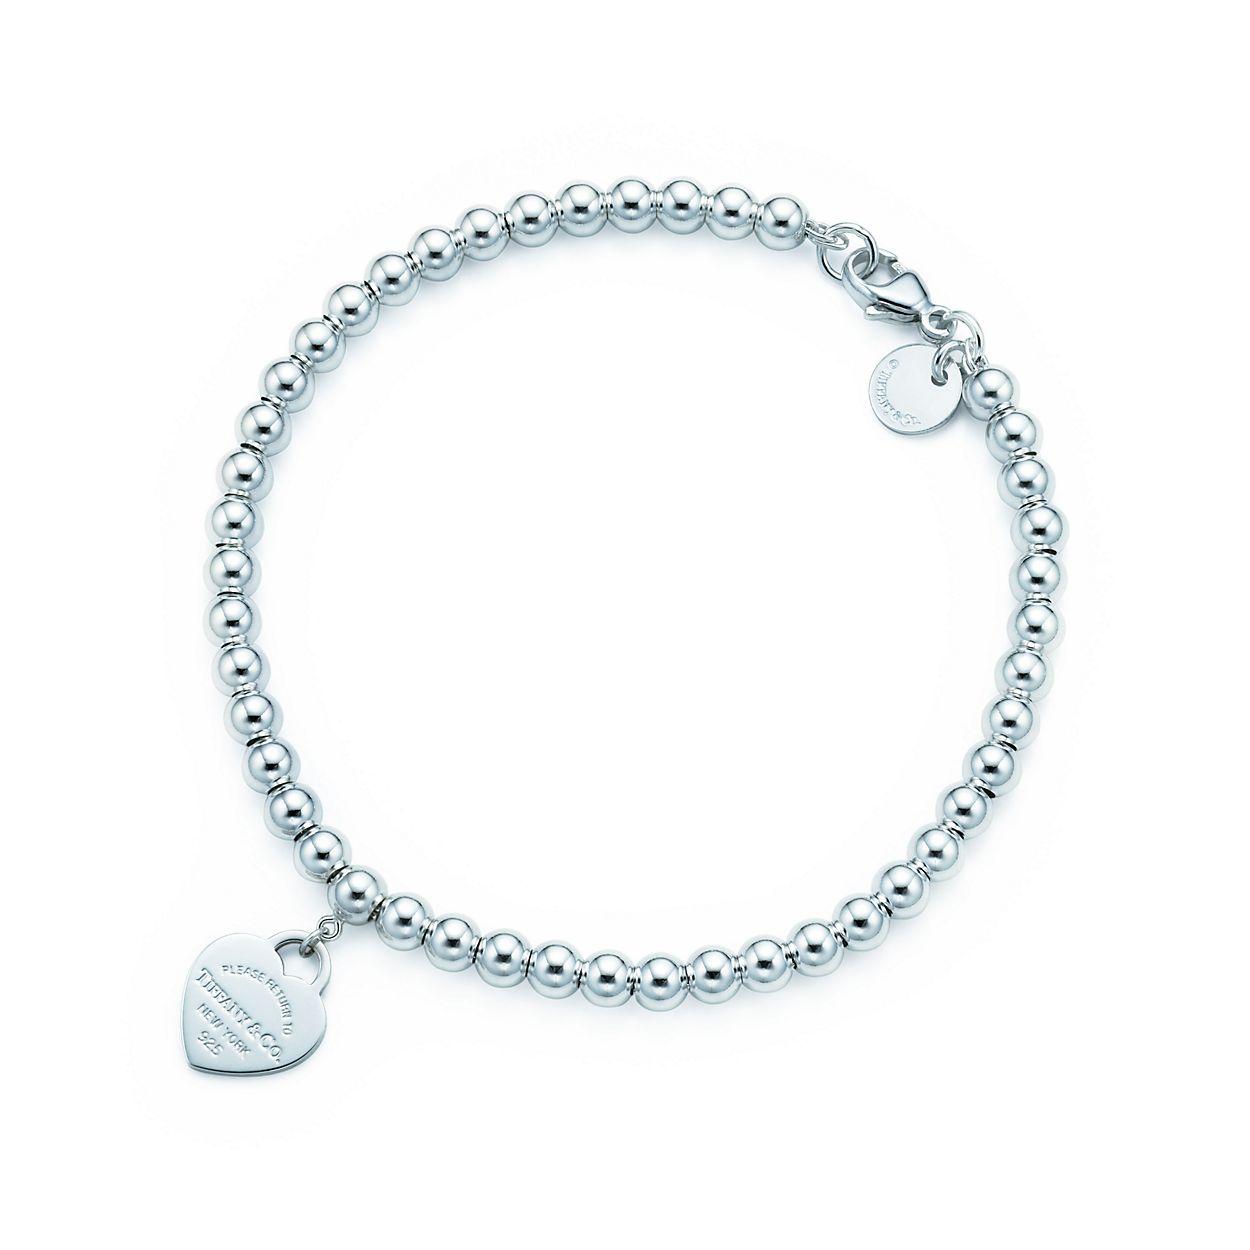 Tiffany Bead Bracelet In Silver